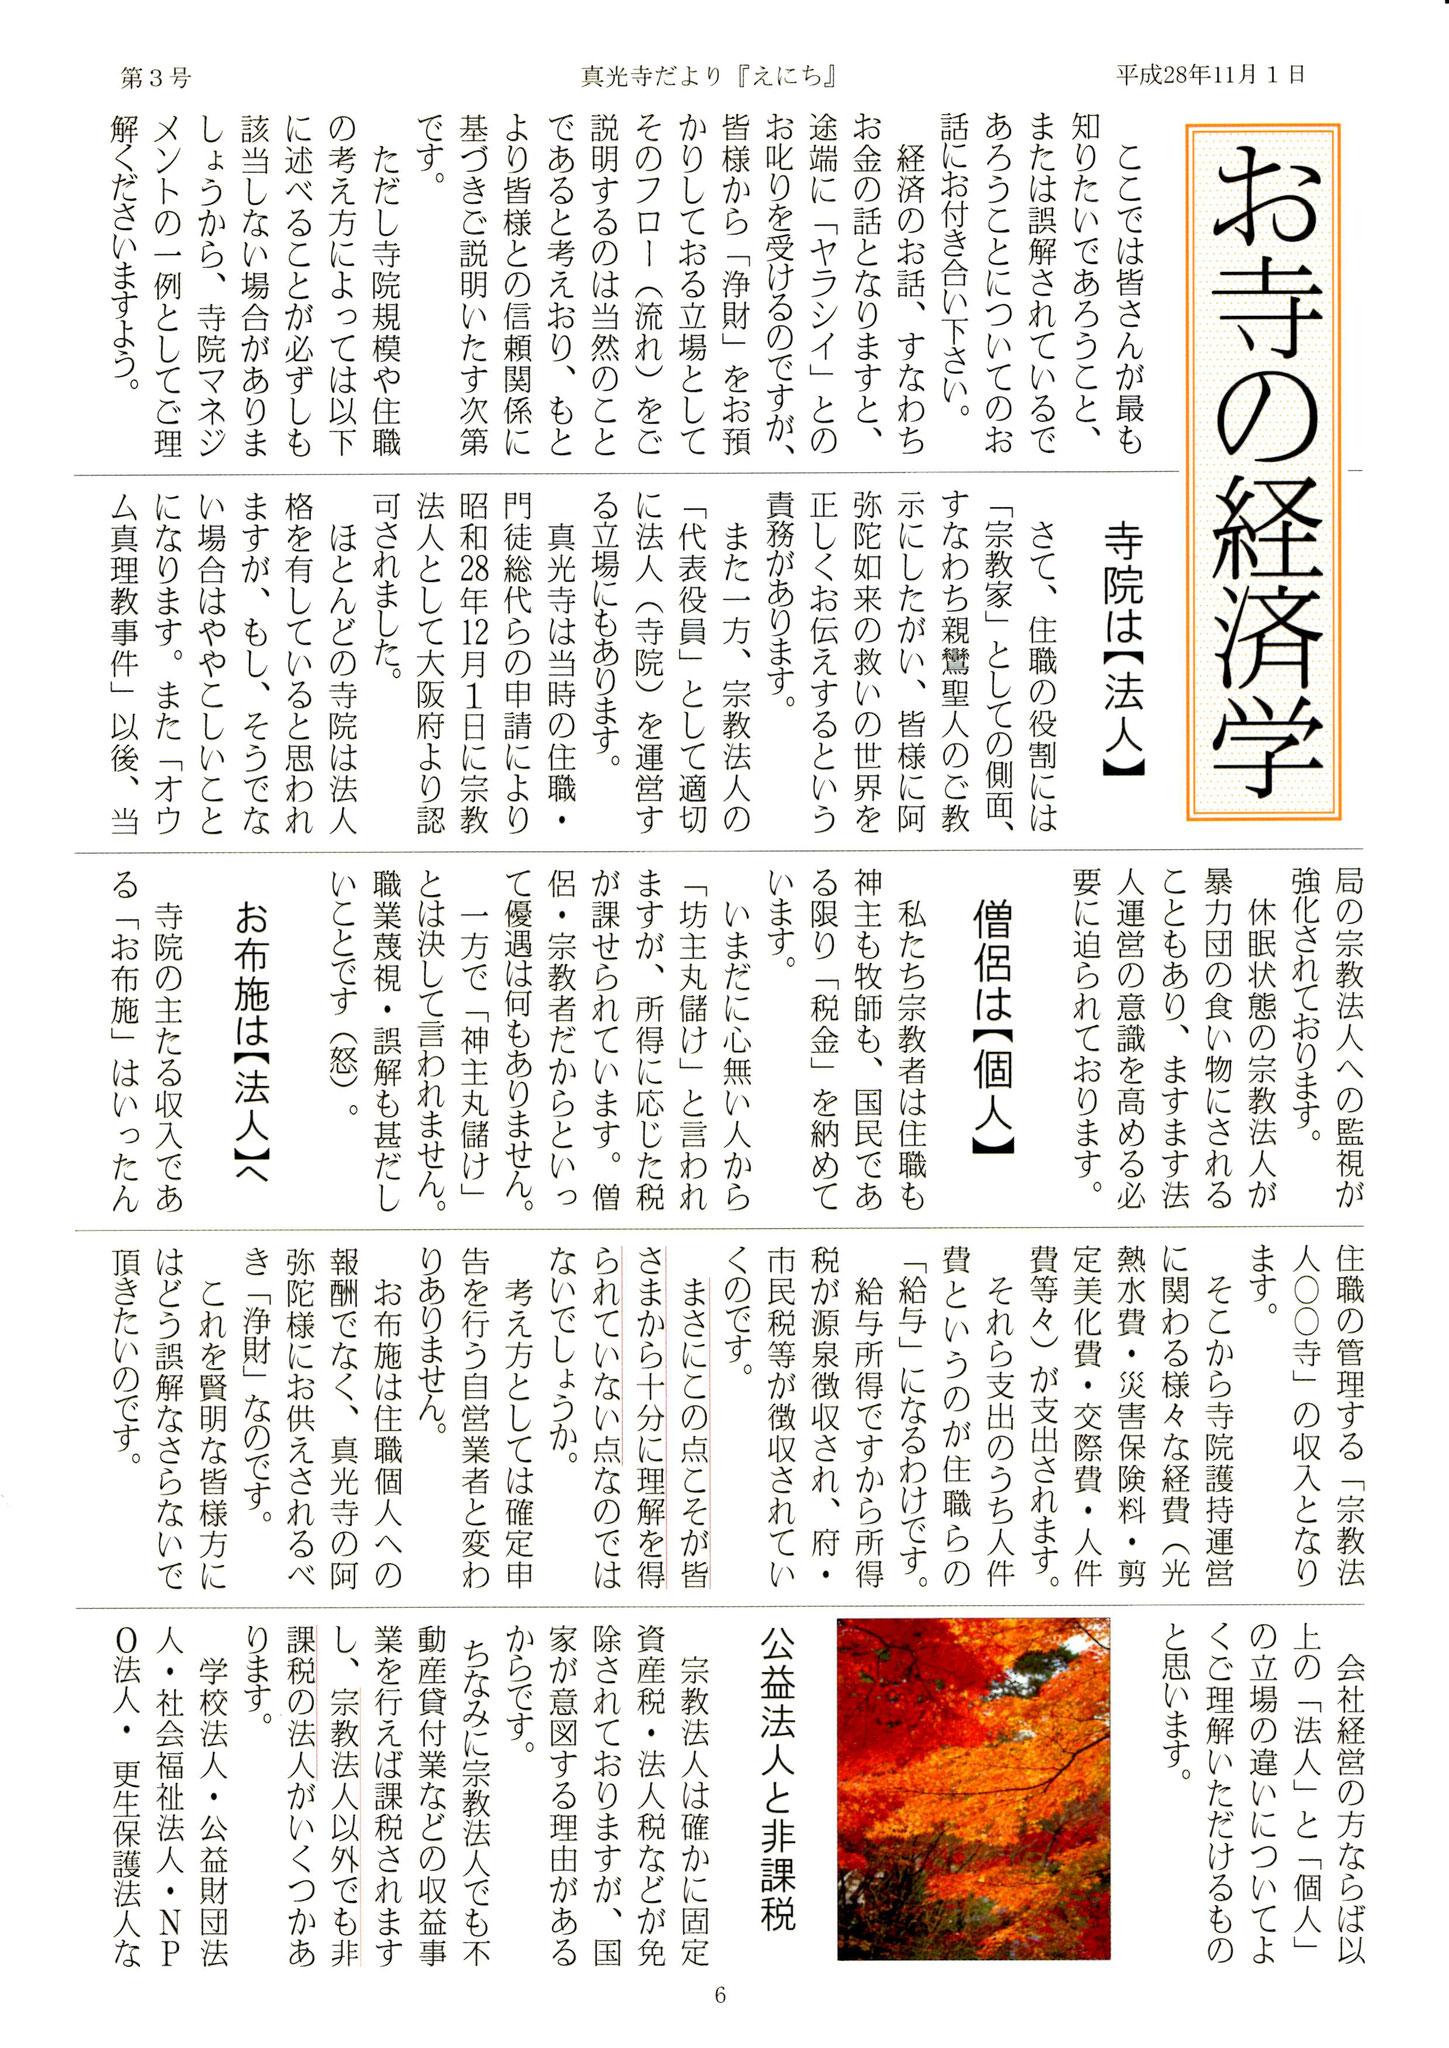 お寺の経済学 ①